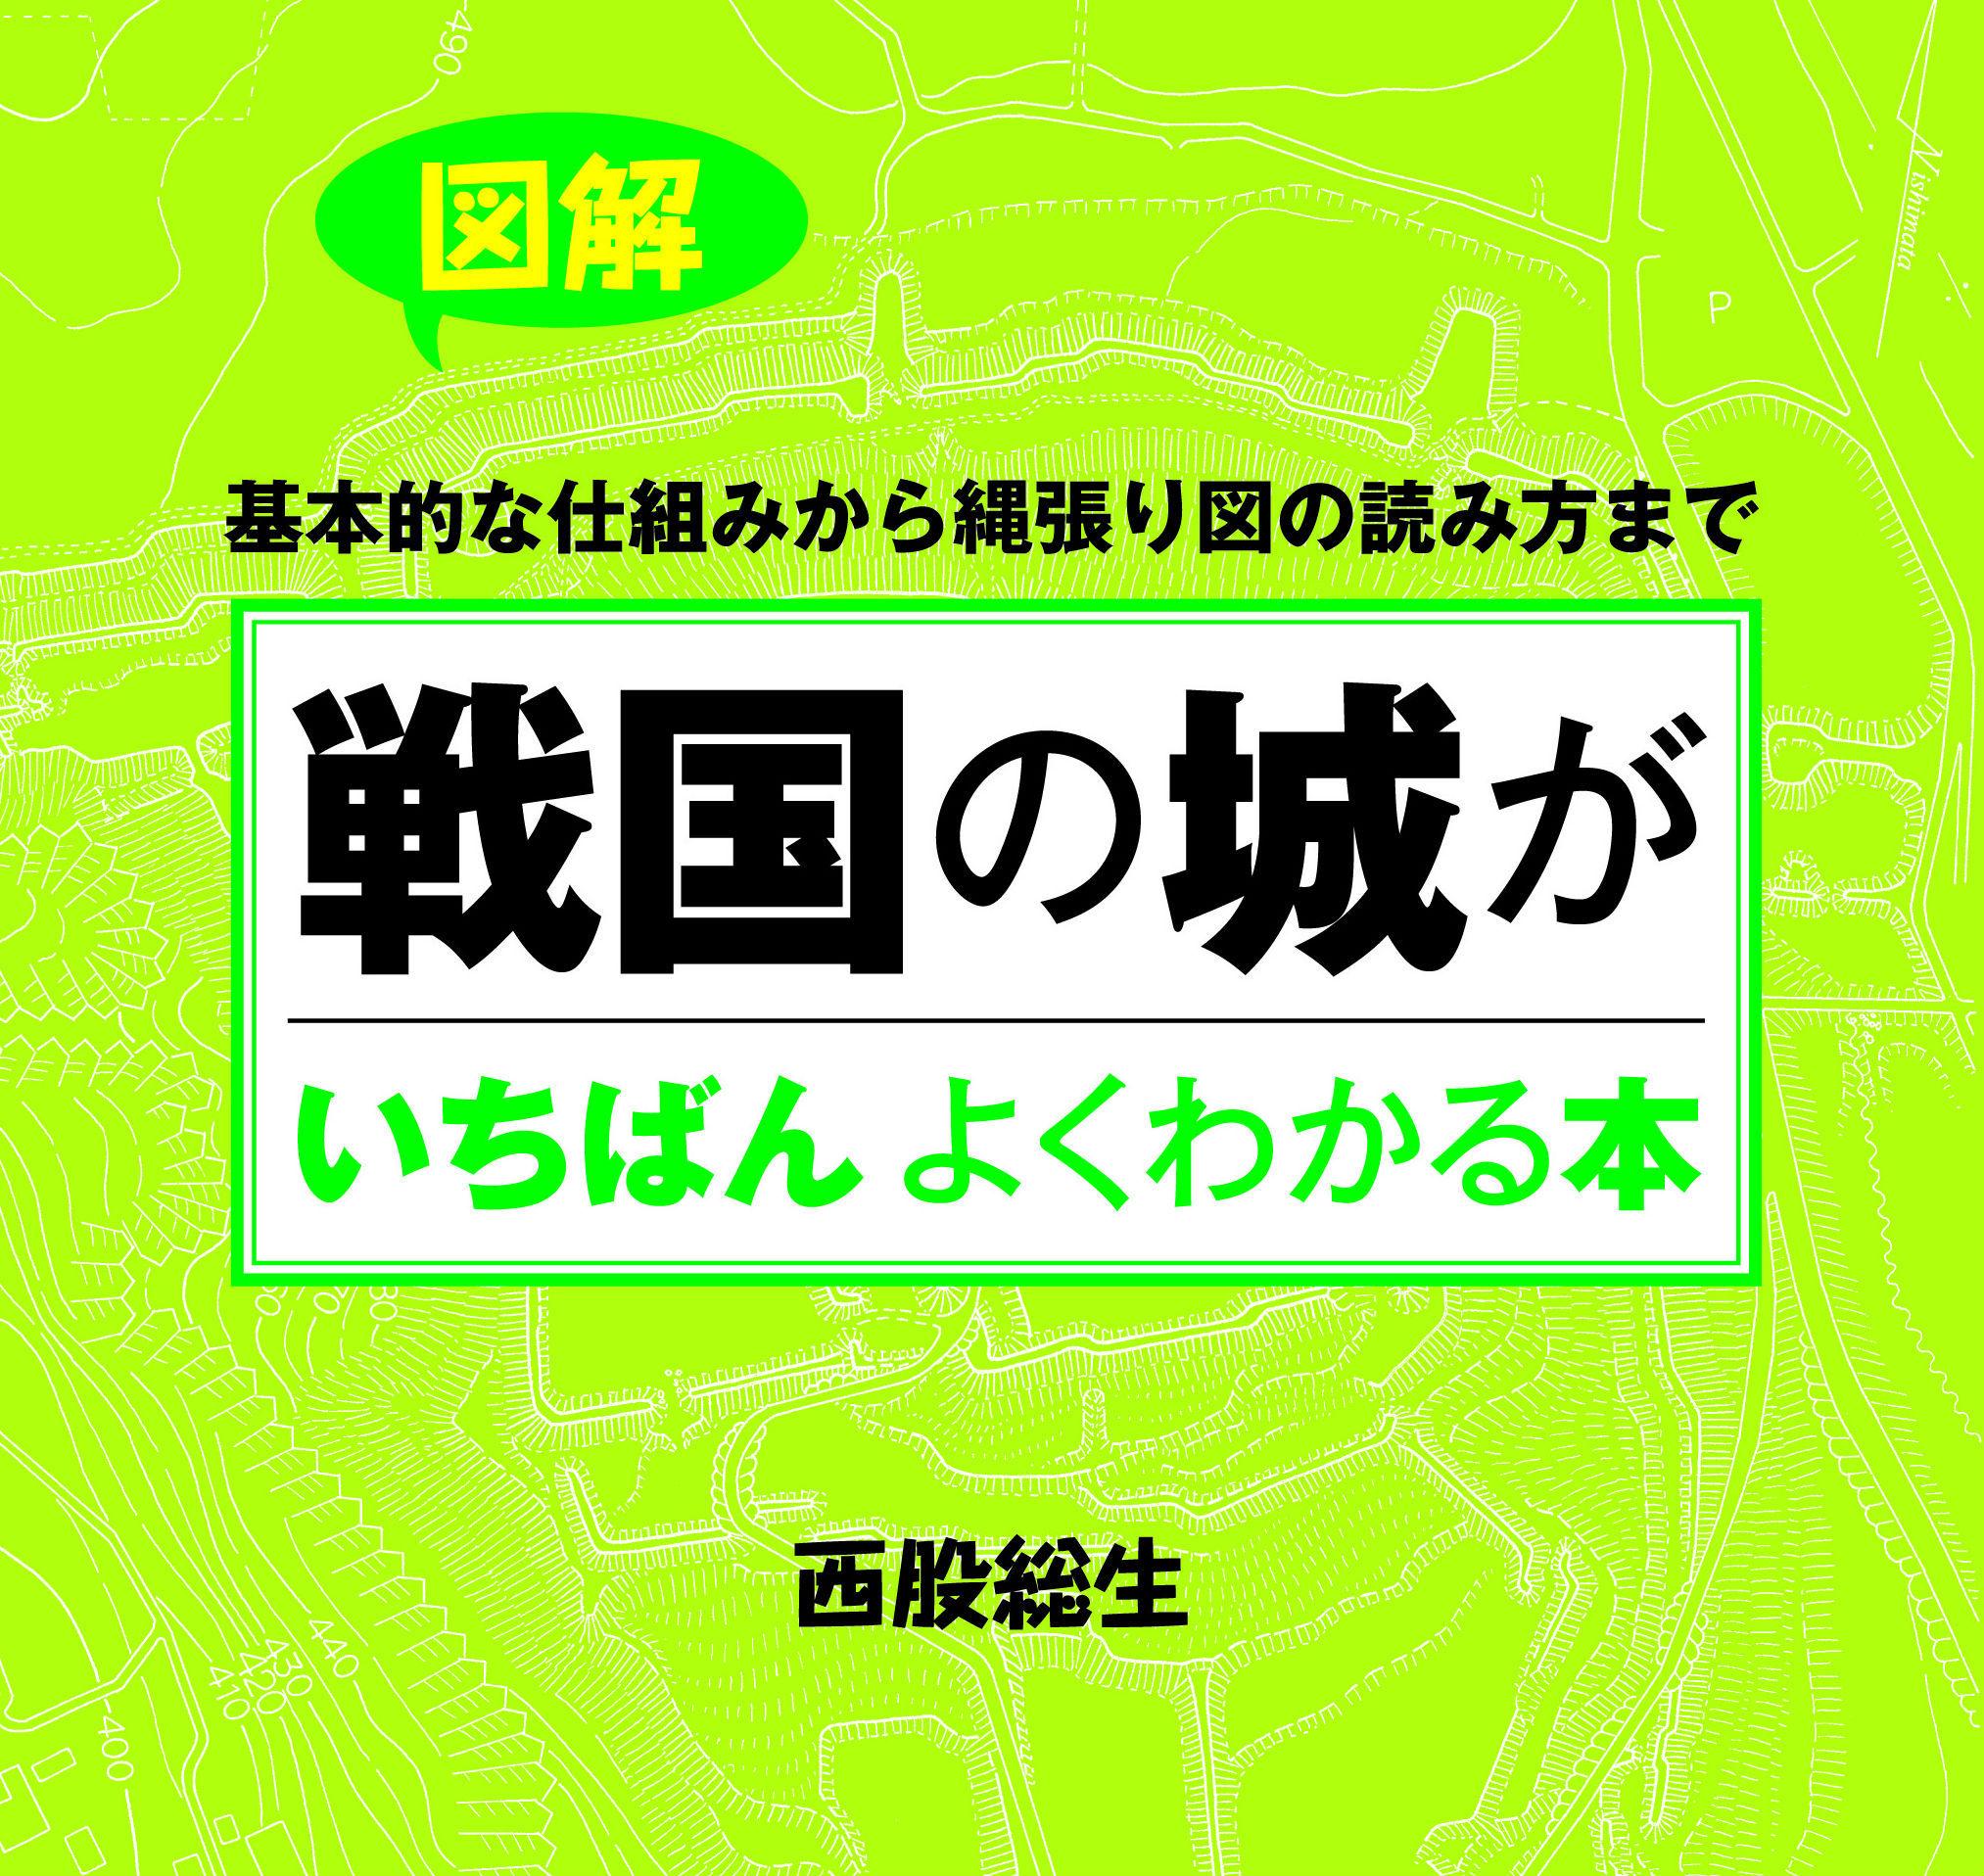 『図解 戦国の城がいちばんよくわかる本』西股総生先生の講演会が3/26に開催します